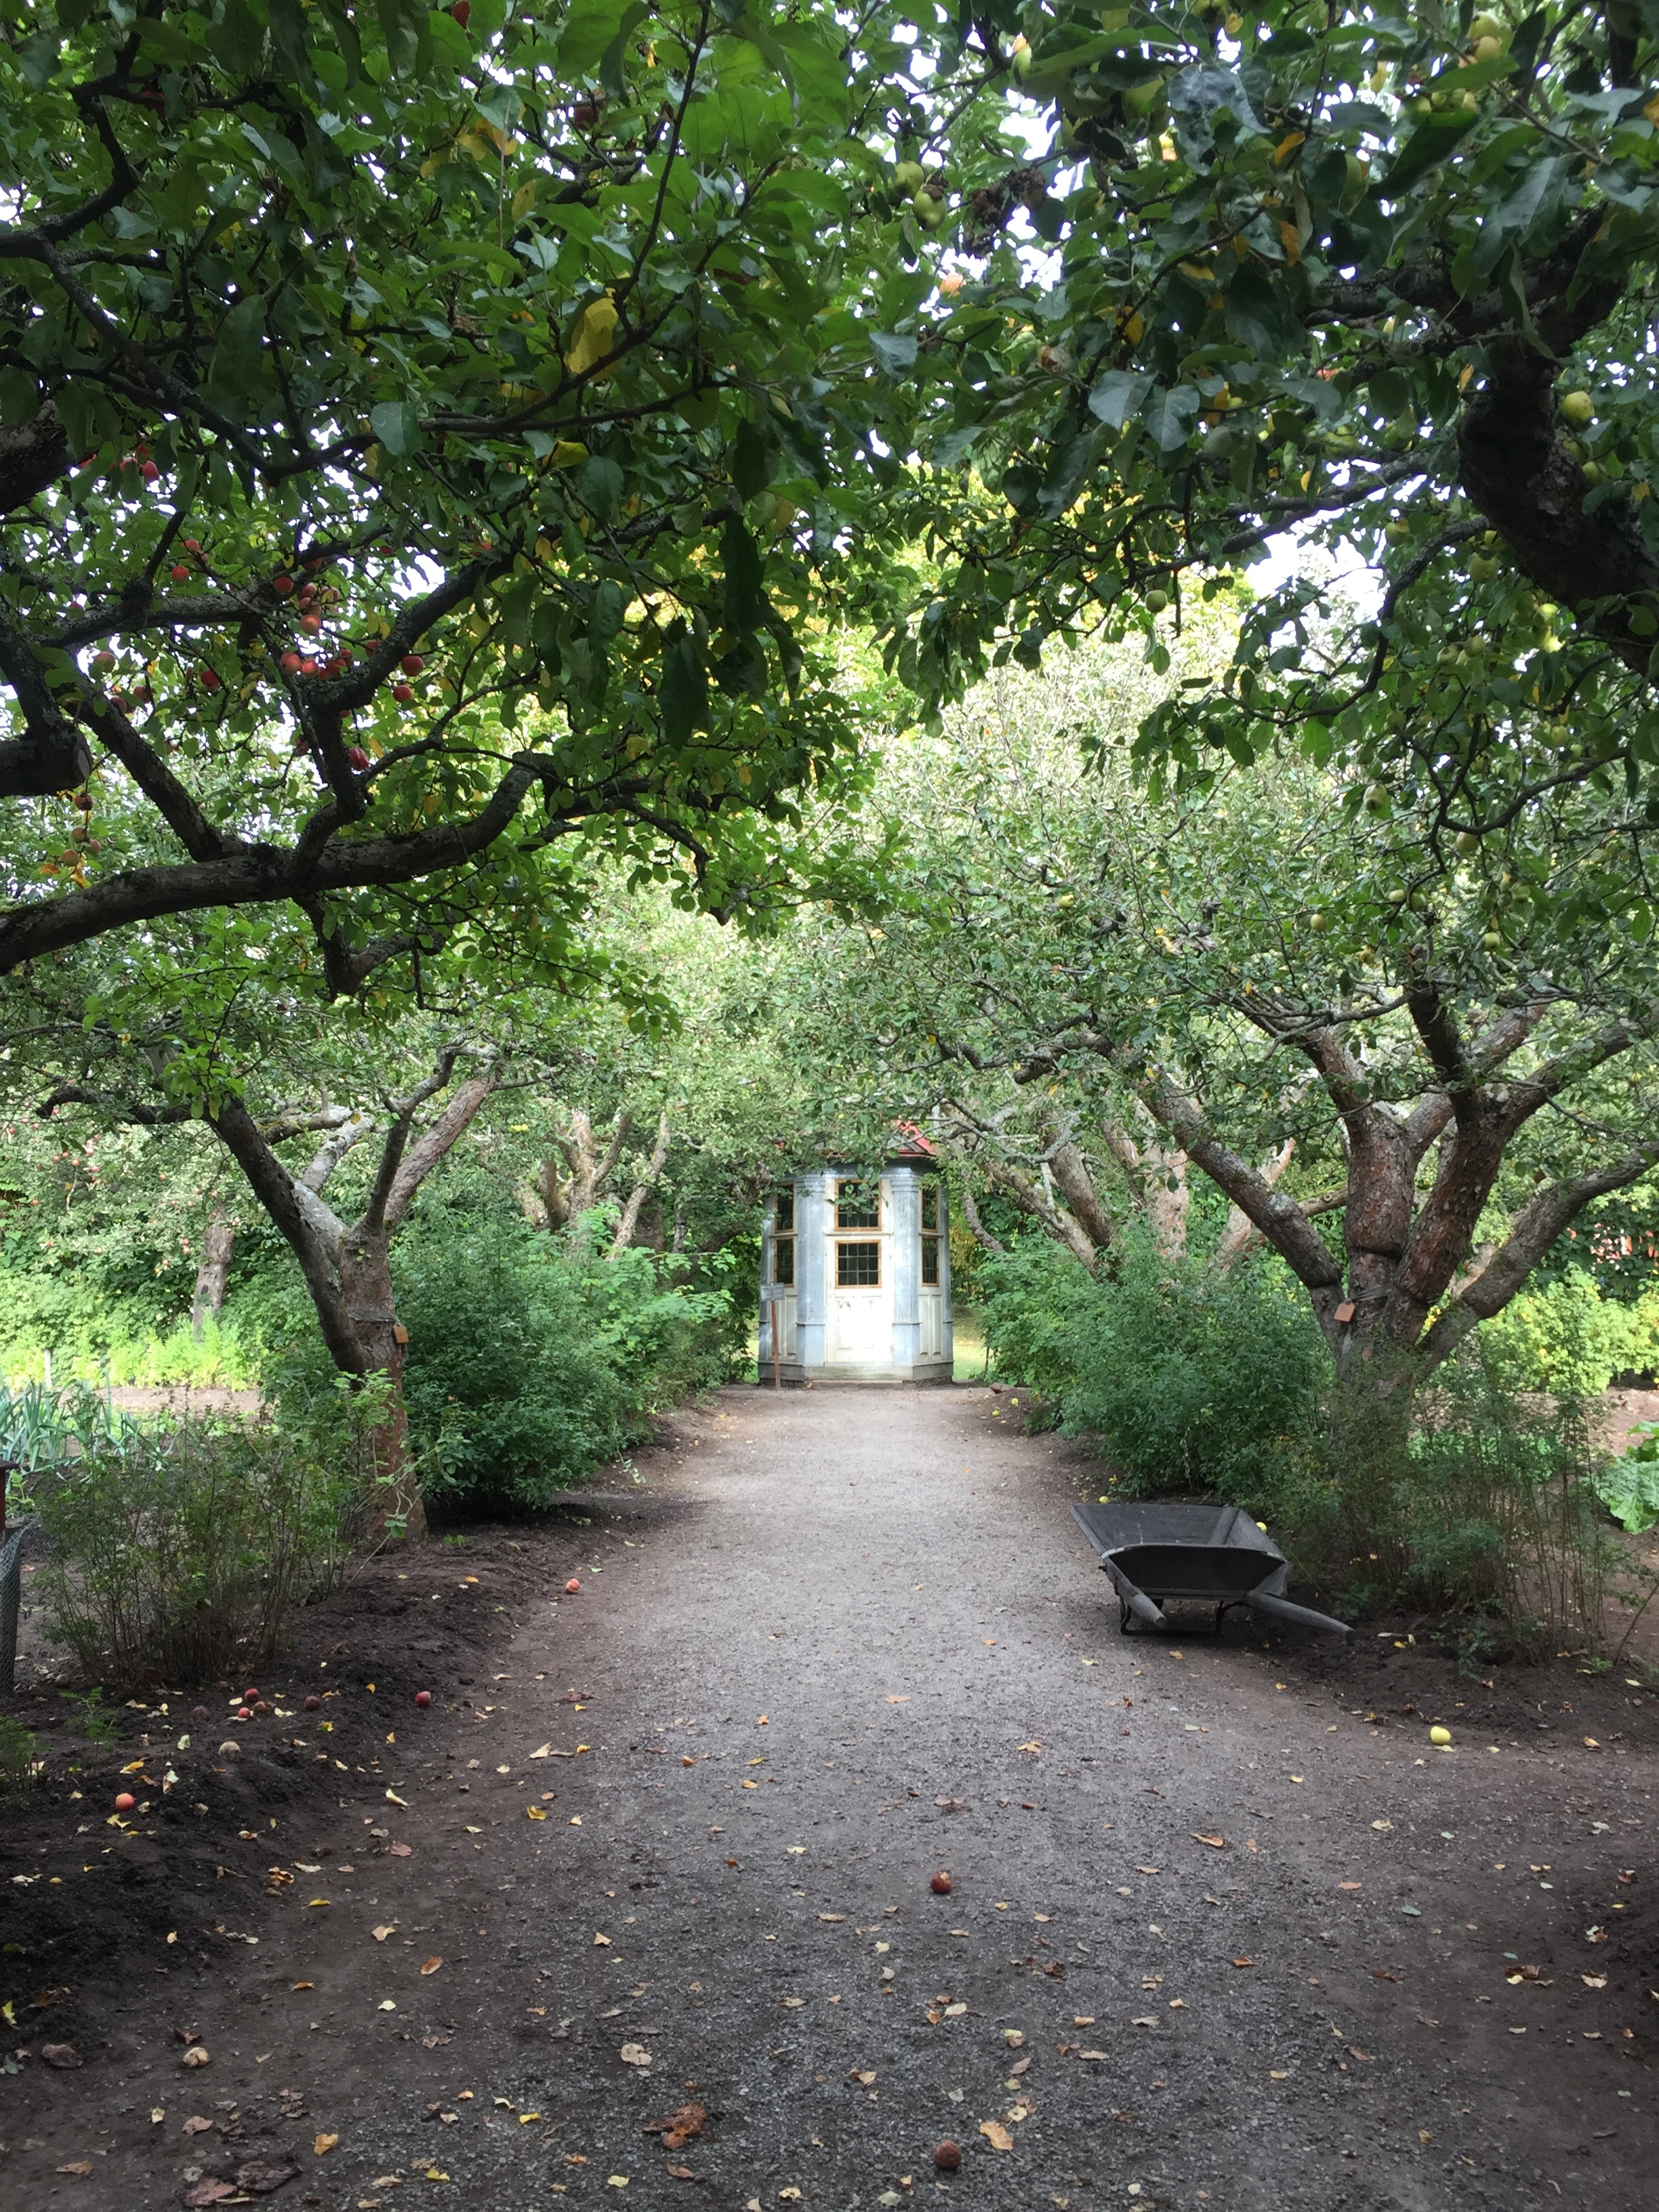 Precis som en idé kan uppenbara sig, kan ett lusthus dyka upp längst bort i en hemlig trädgård.